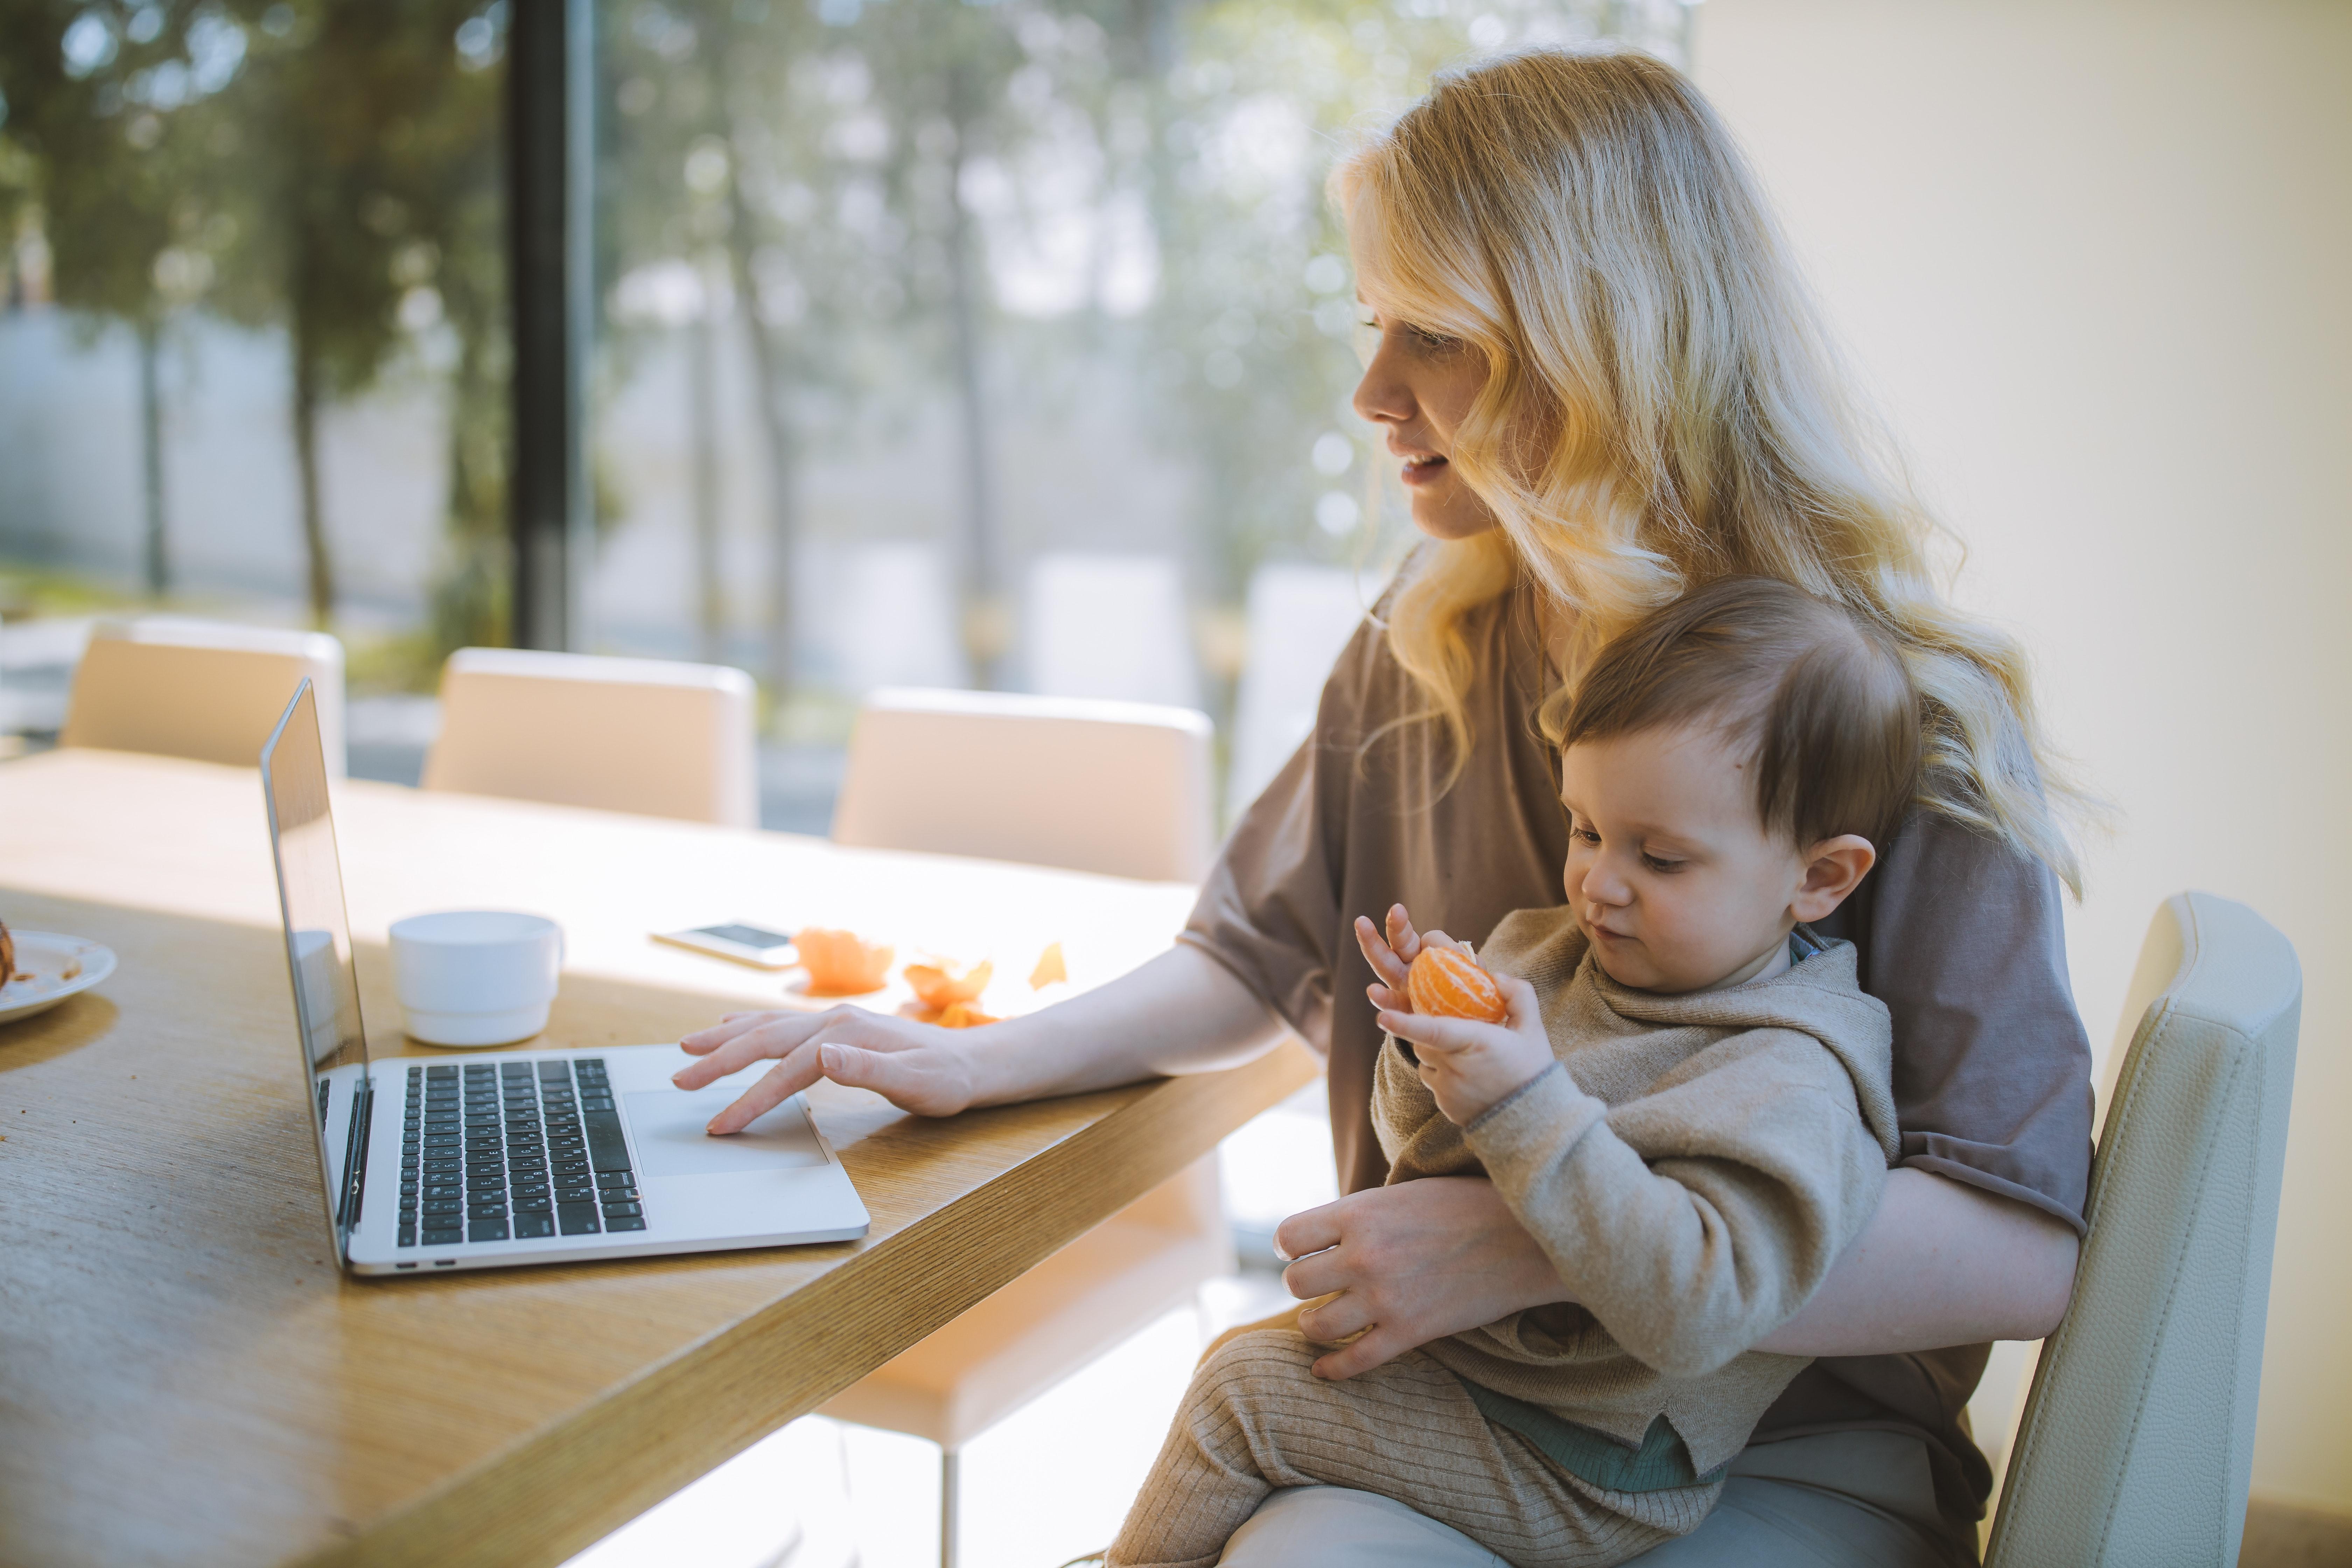 Эксперты на форуме «Семейный совет» дали рекомендации о том, как позаботиться о своем здоровье